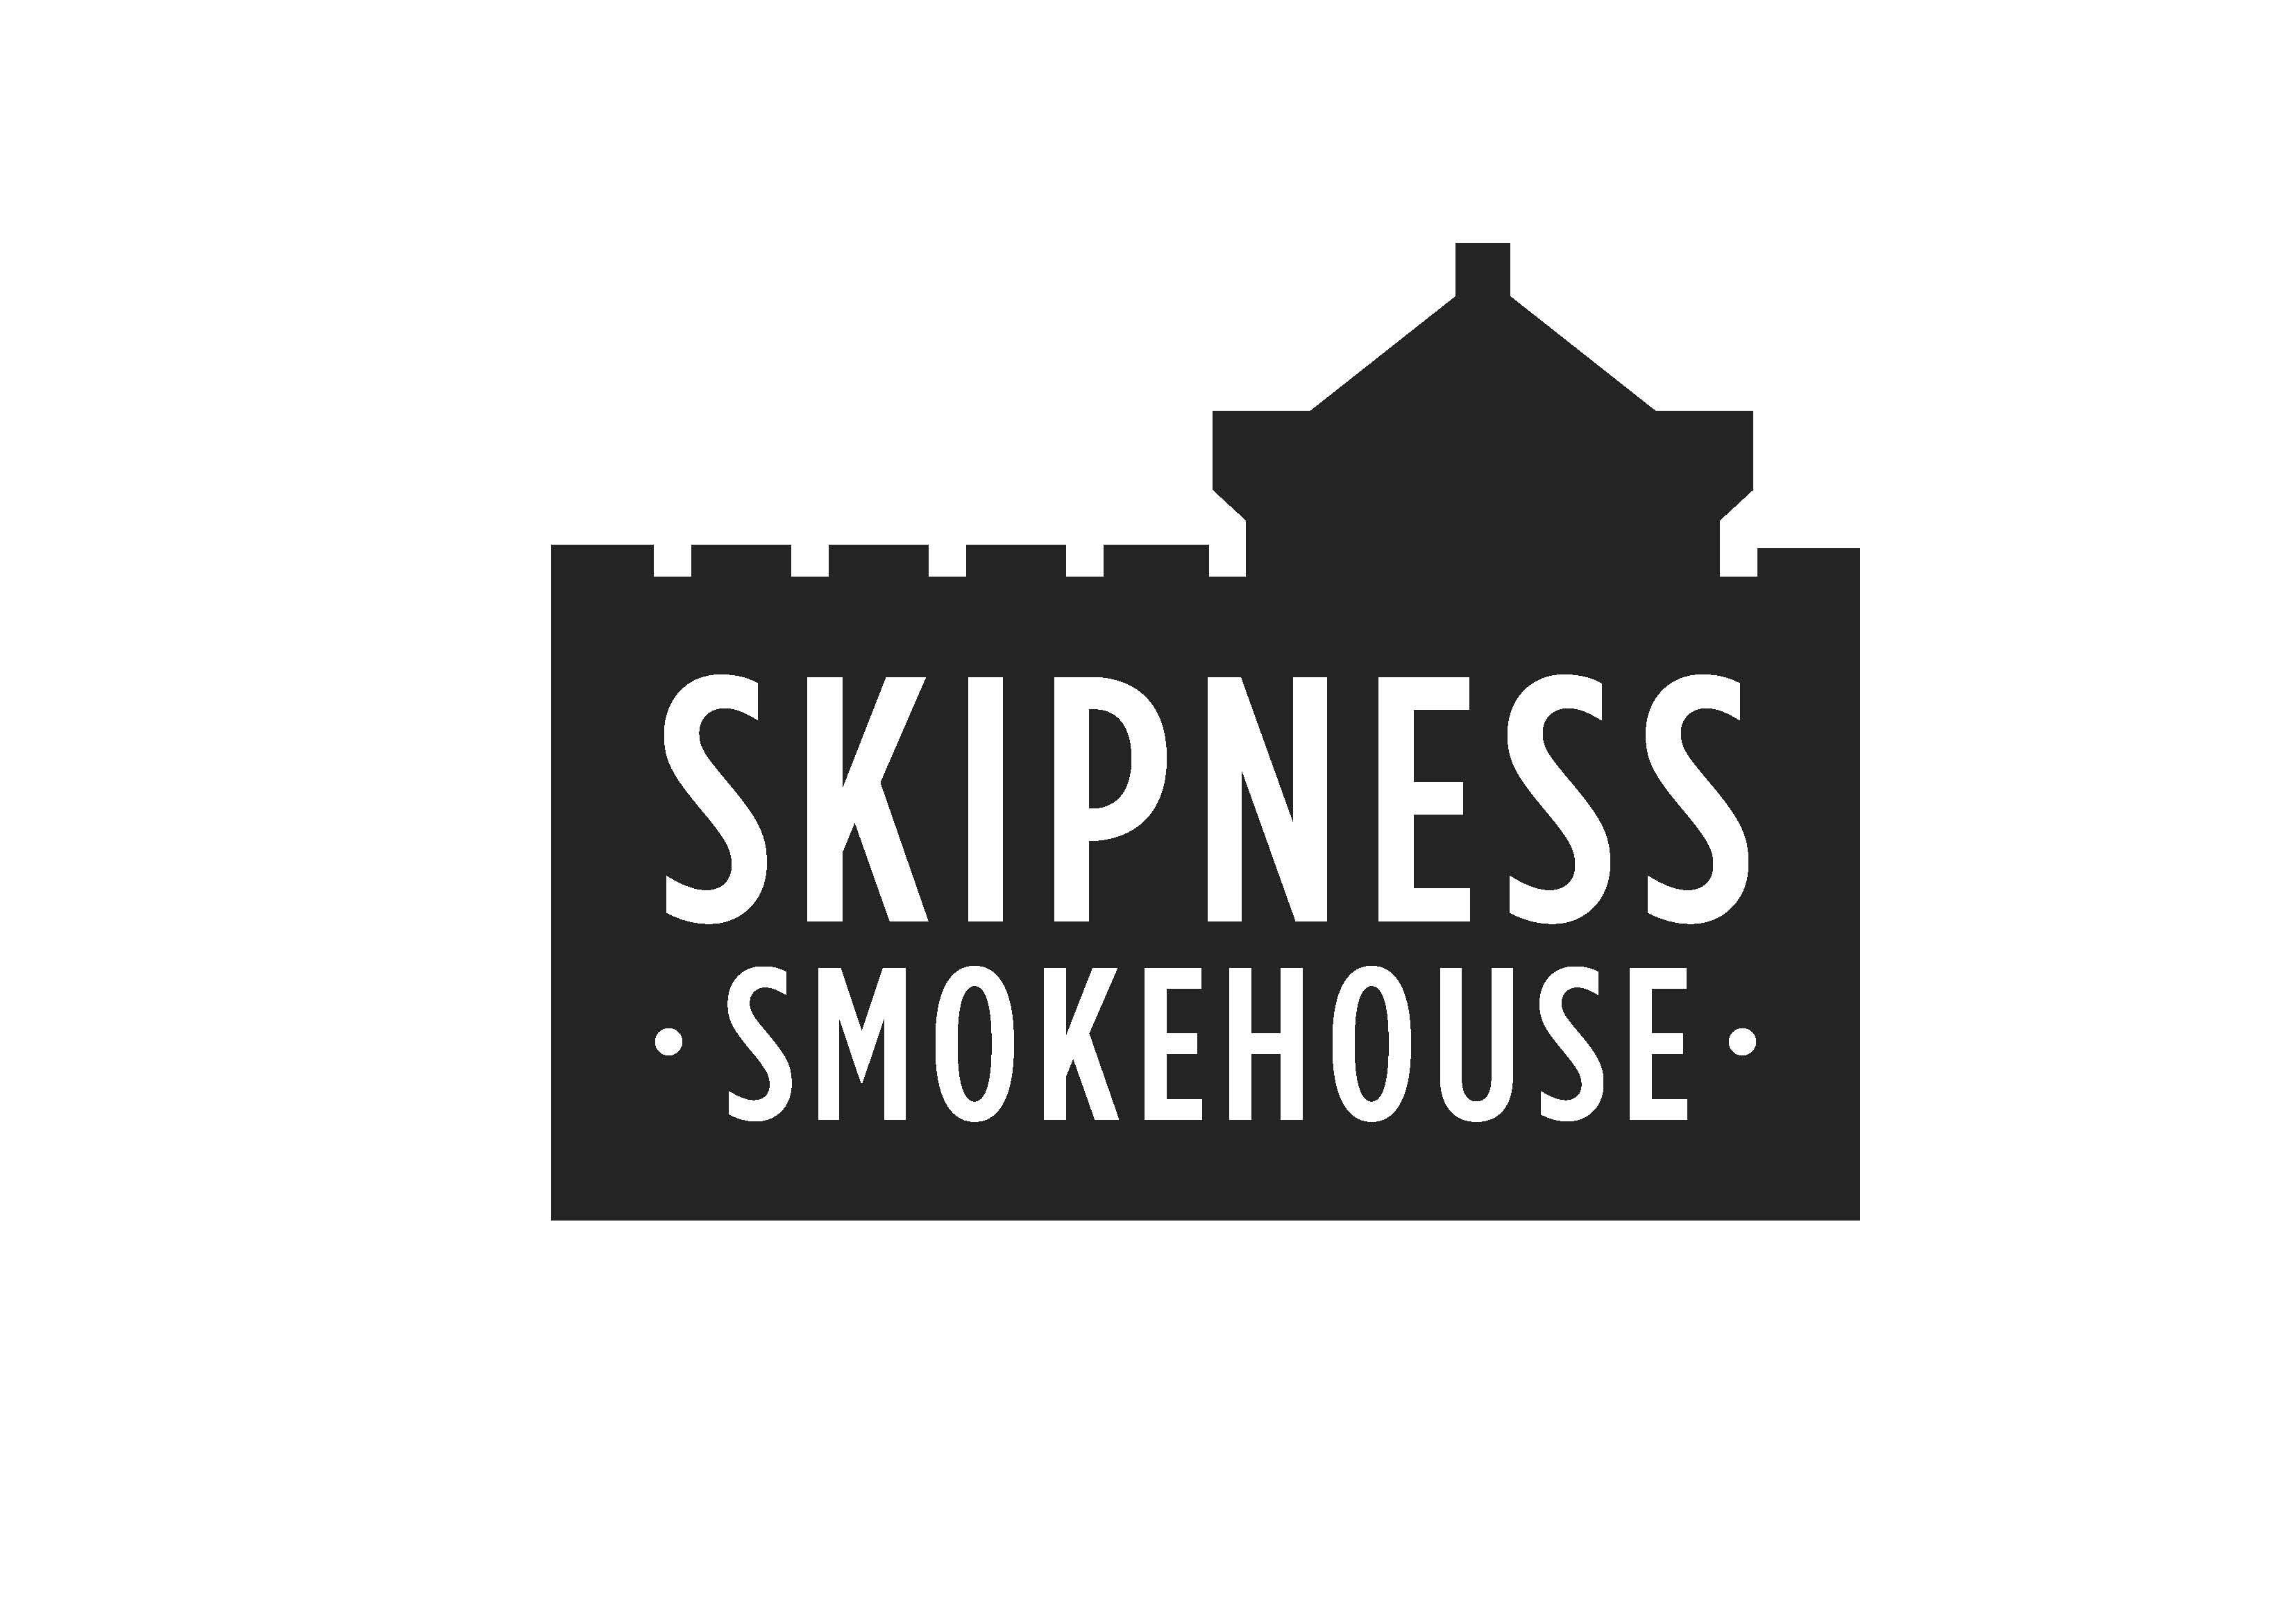 Skipness Smokehouse